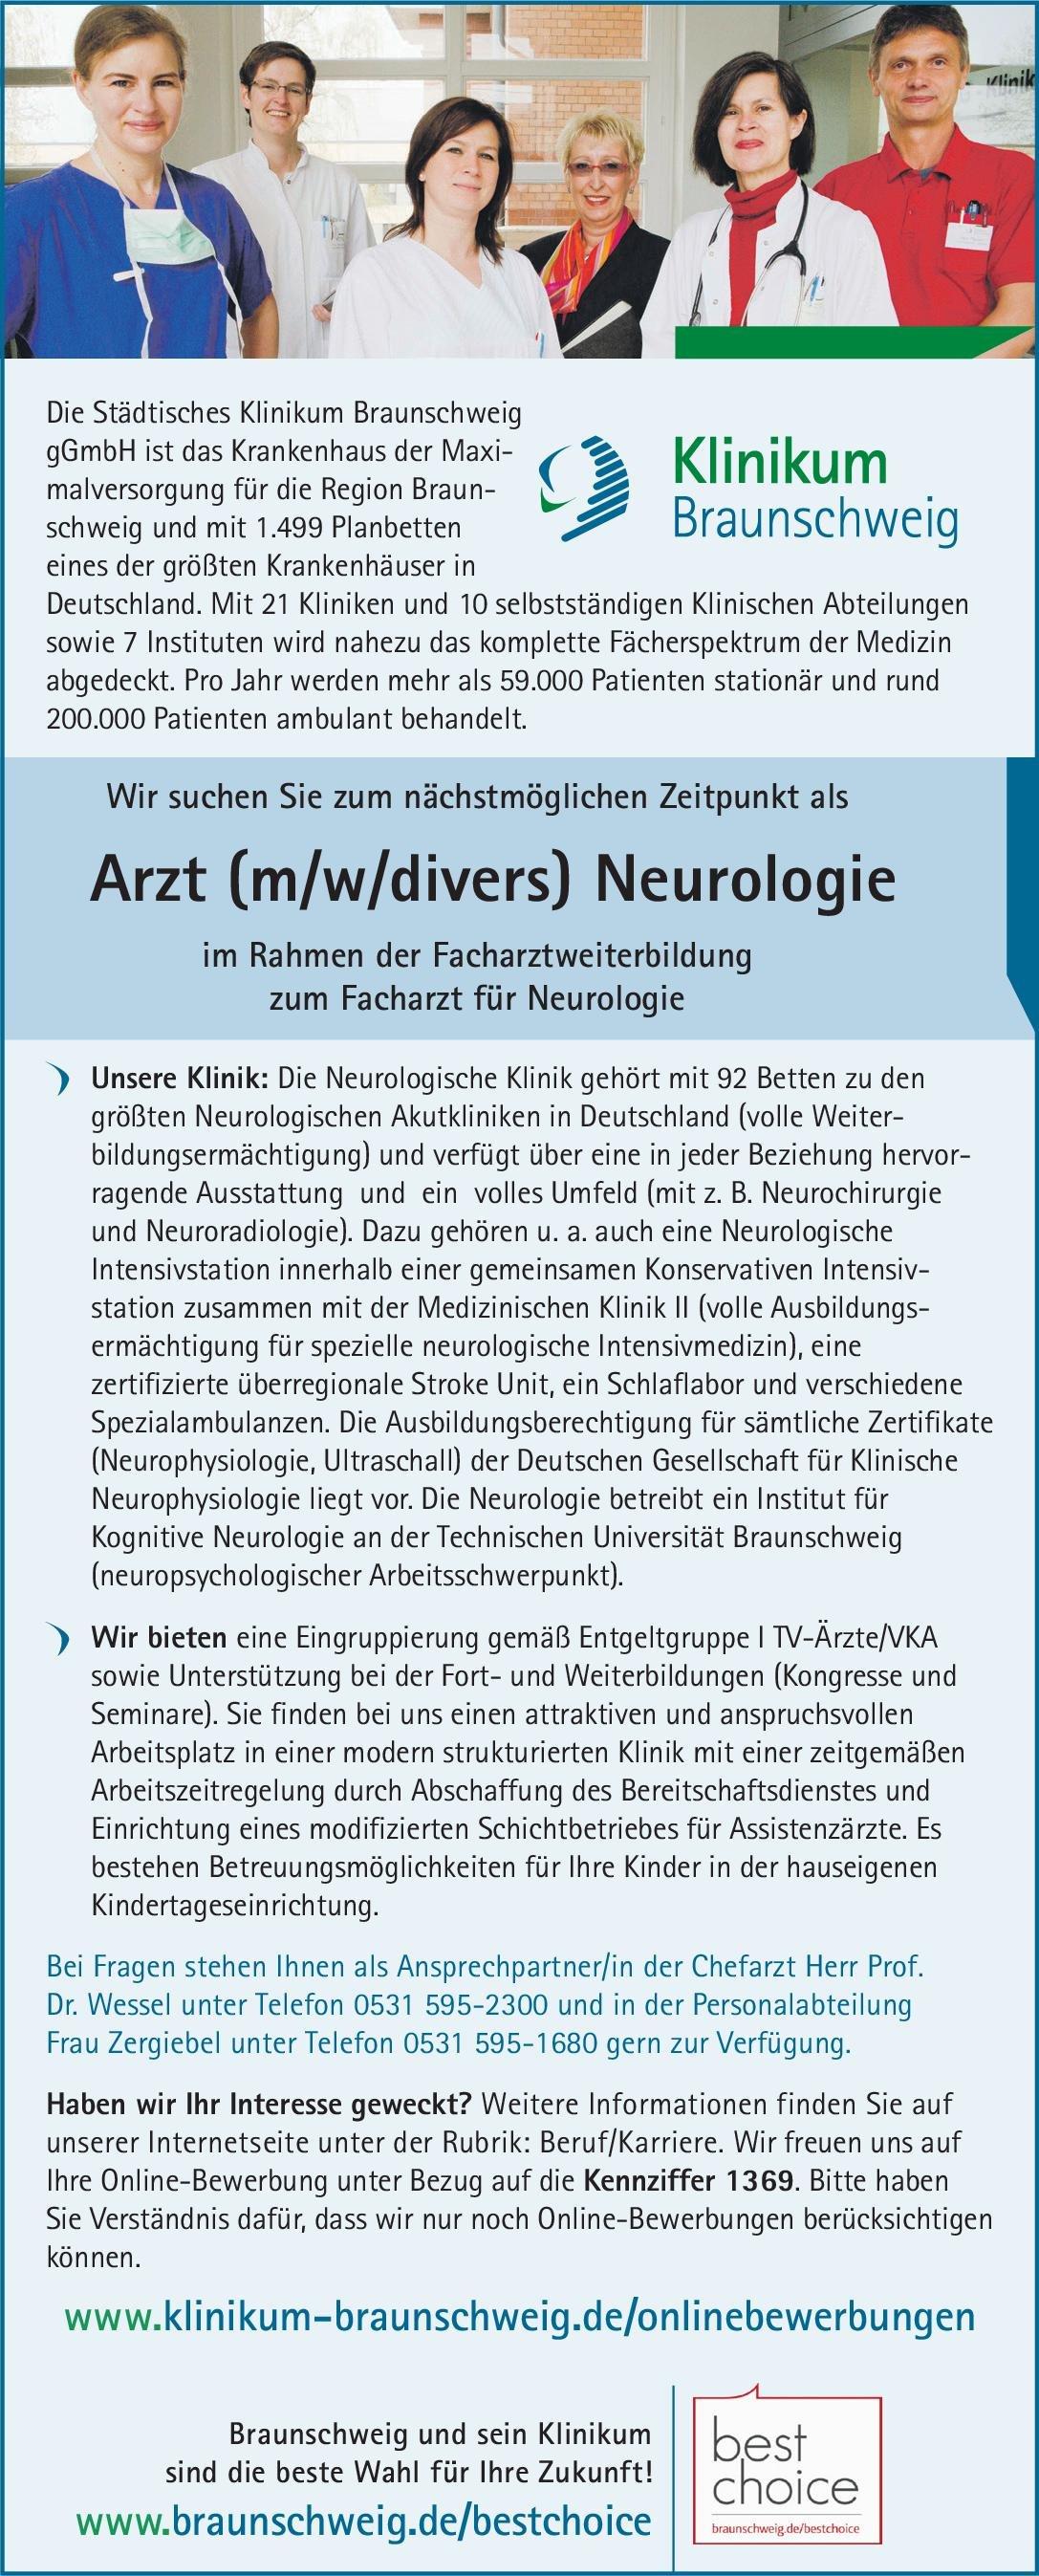 Stellenangebot Arzt Mwdivers Neurologie Braunschweig